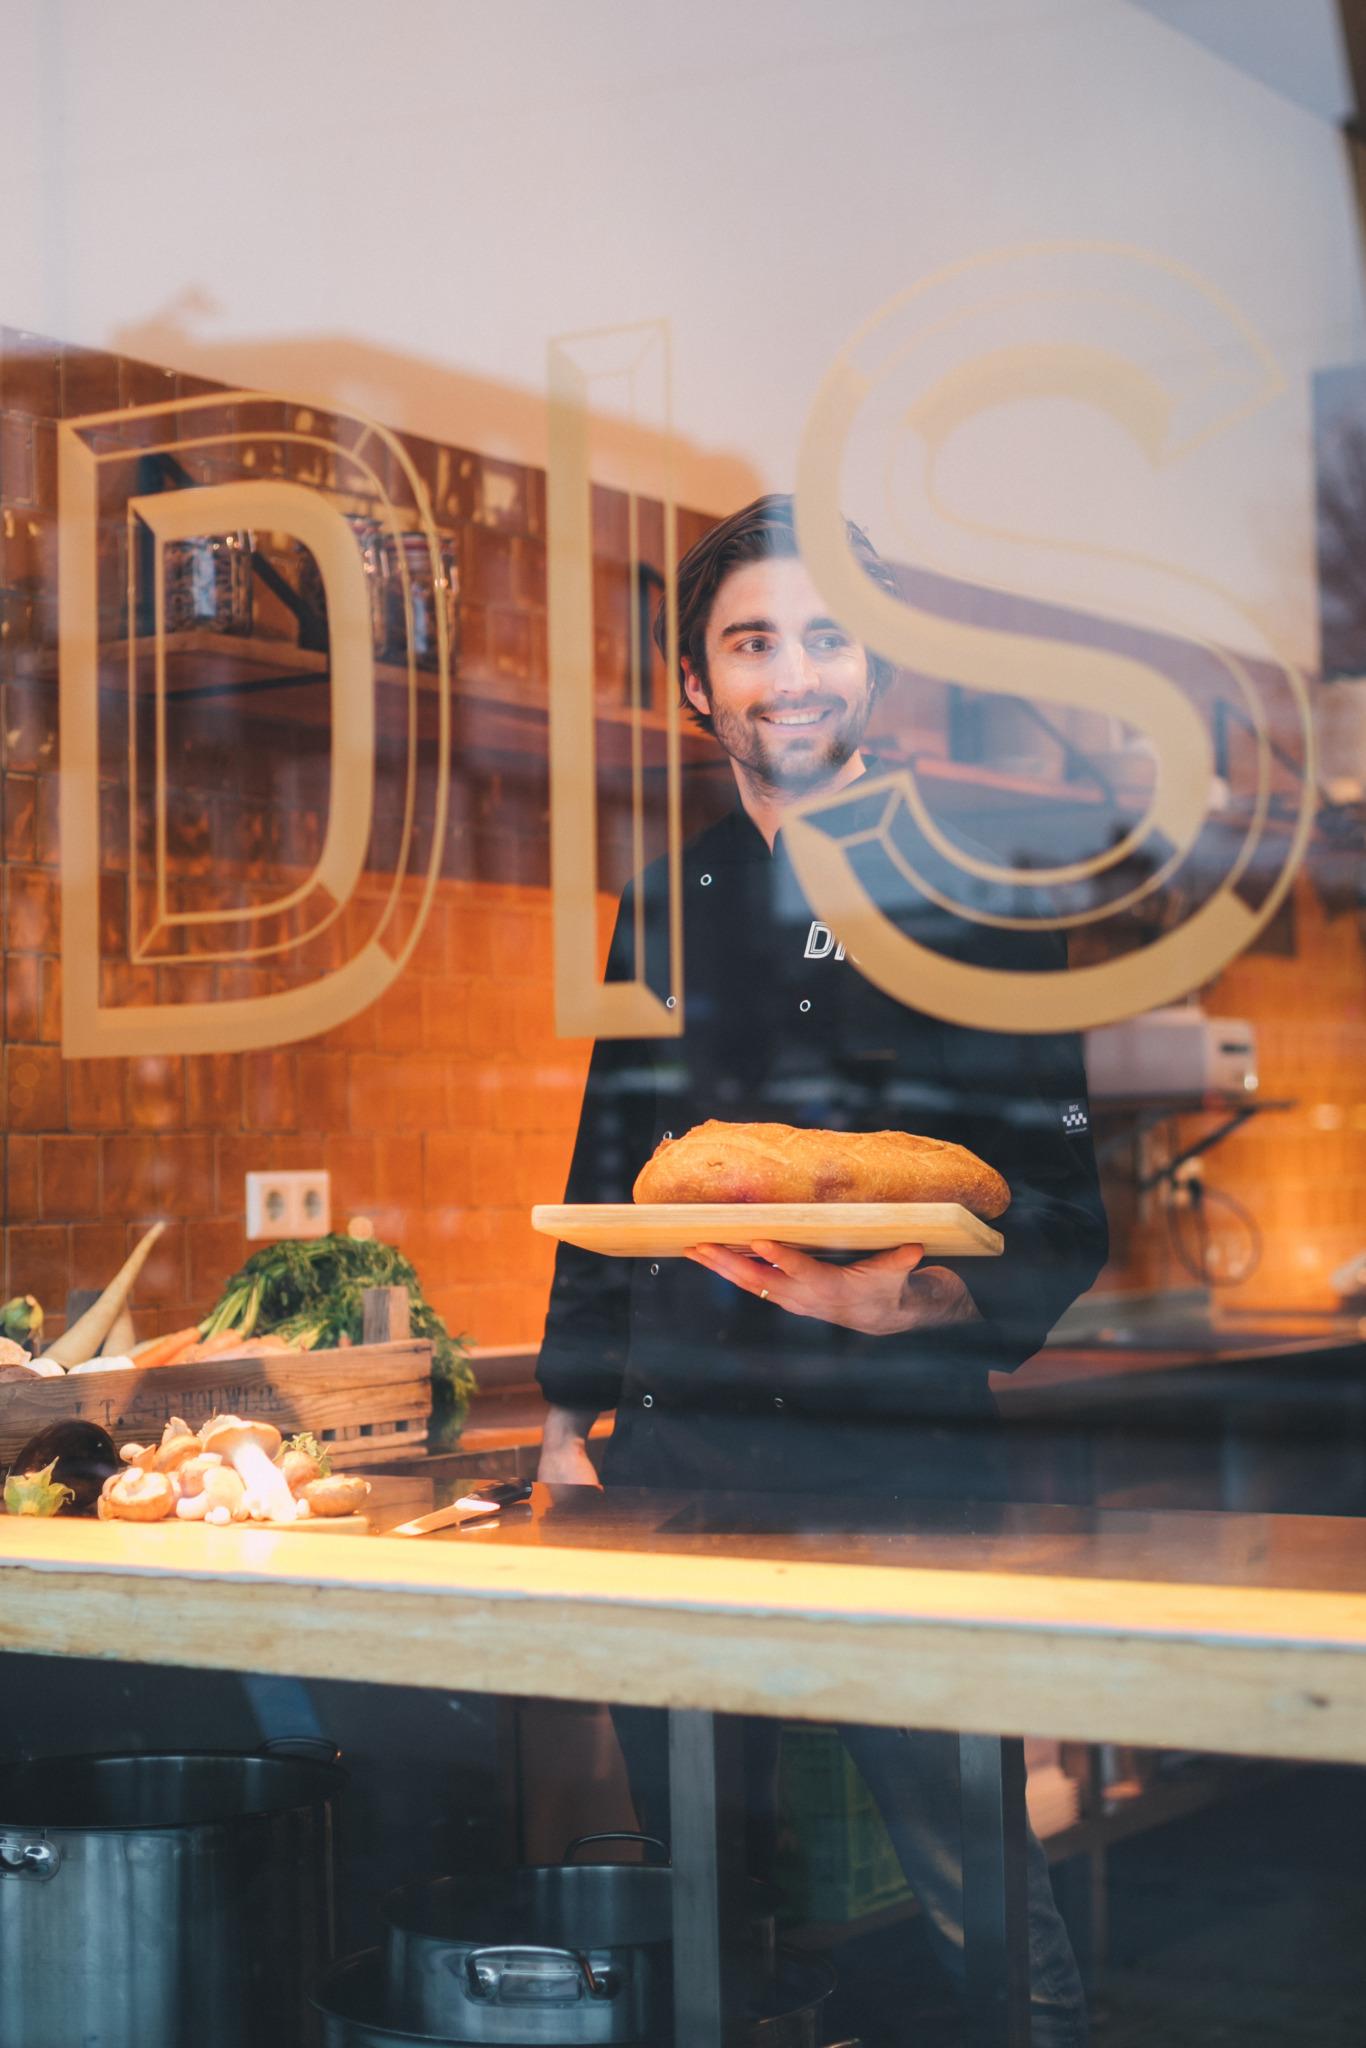 DIS werknemer houd brood vast